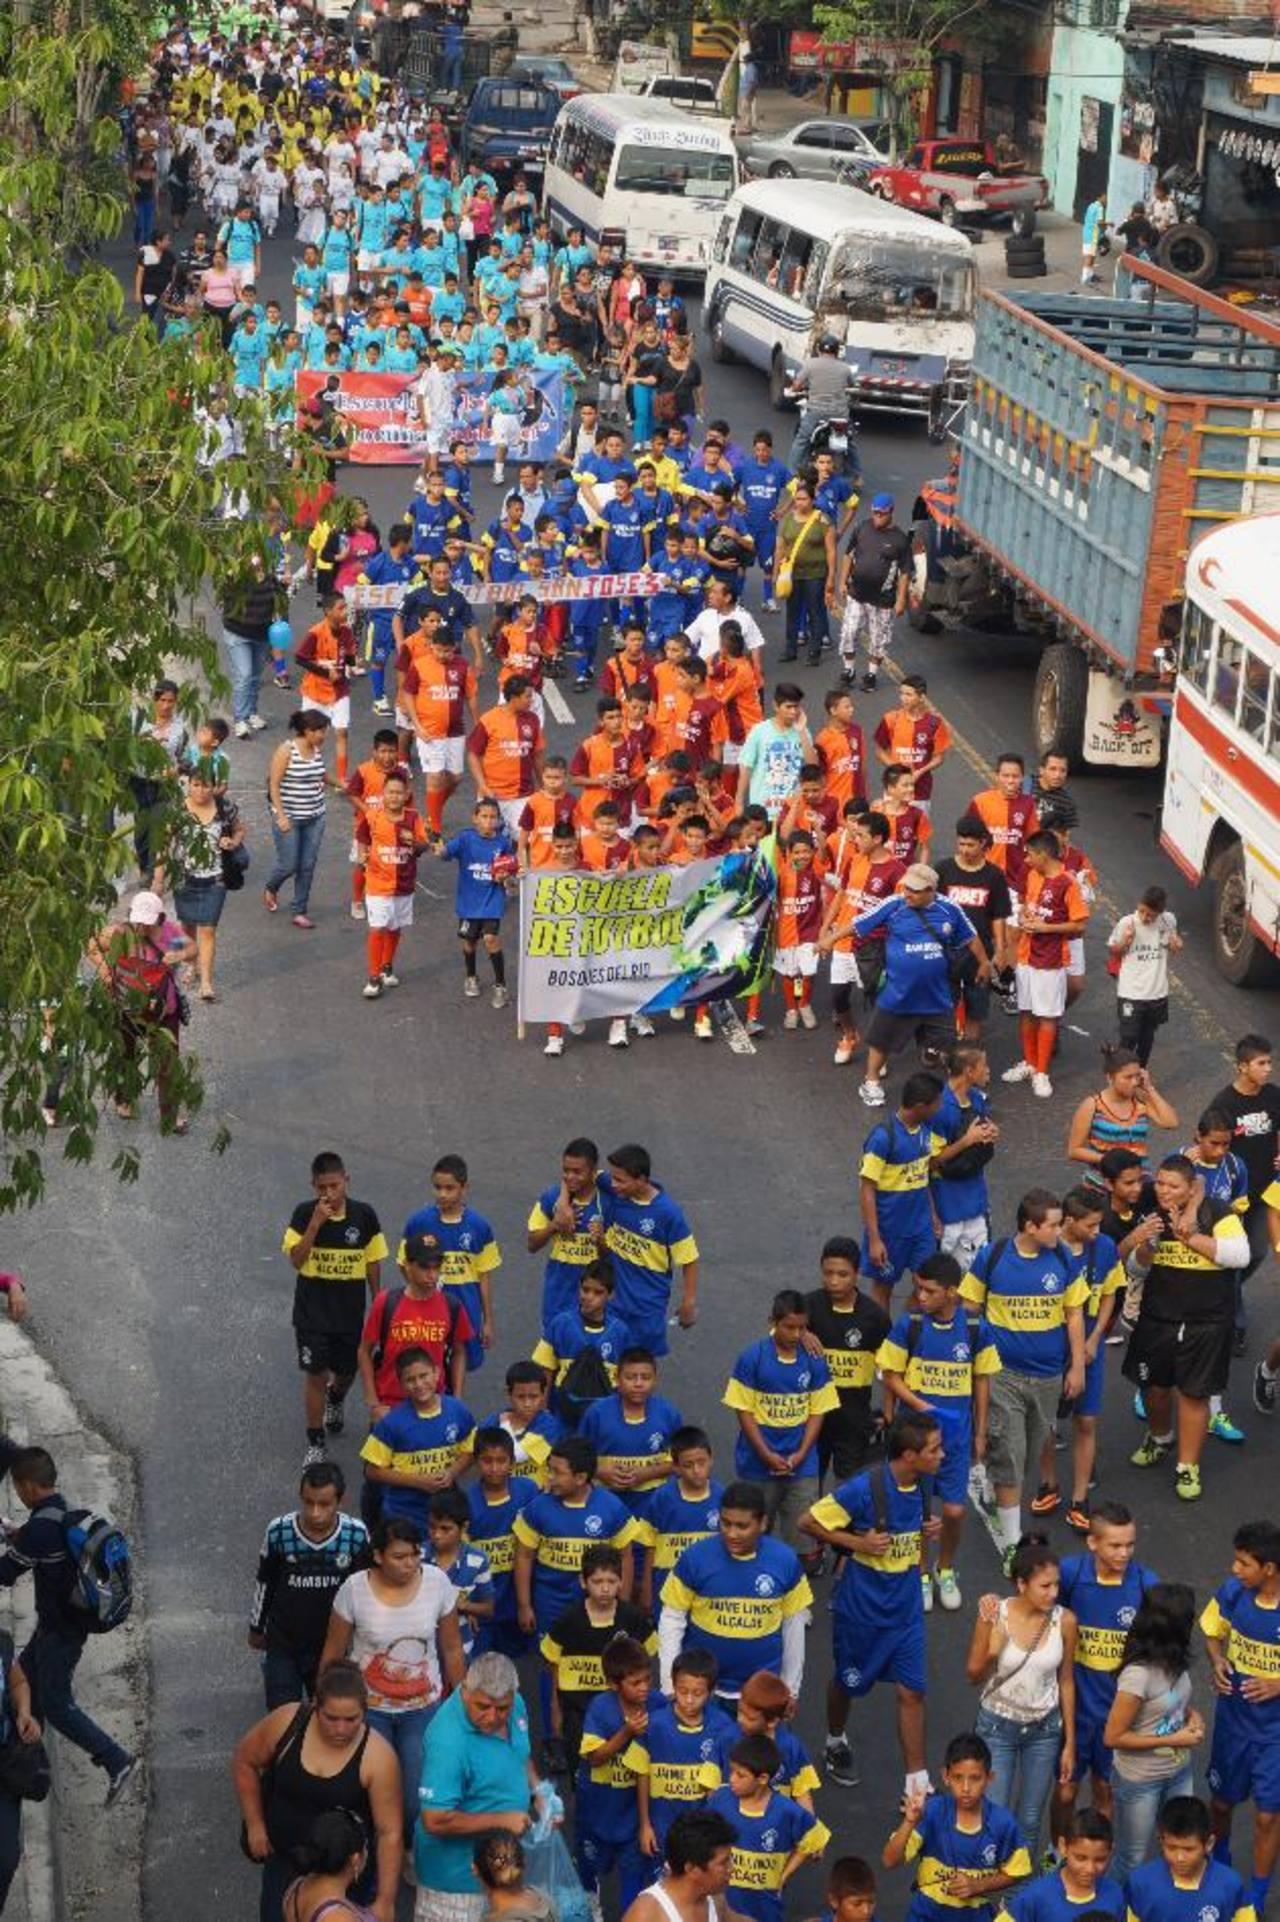 Las escuelas de fútbol municipal y comunitarias junto a los diferentes equipos deportivos marcharon por las principales calles del municipio. Fotos / cortesía alcaldía de Soyapango